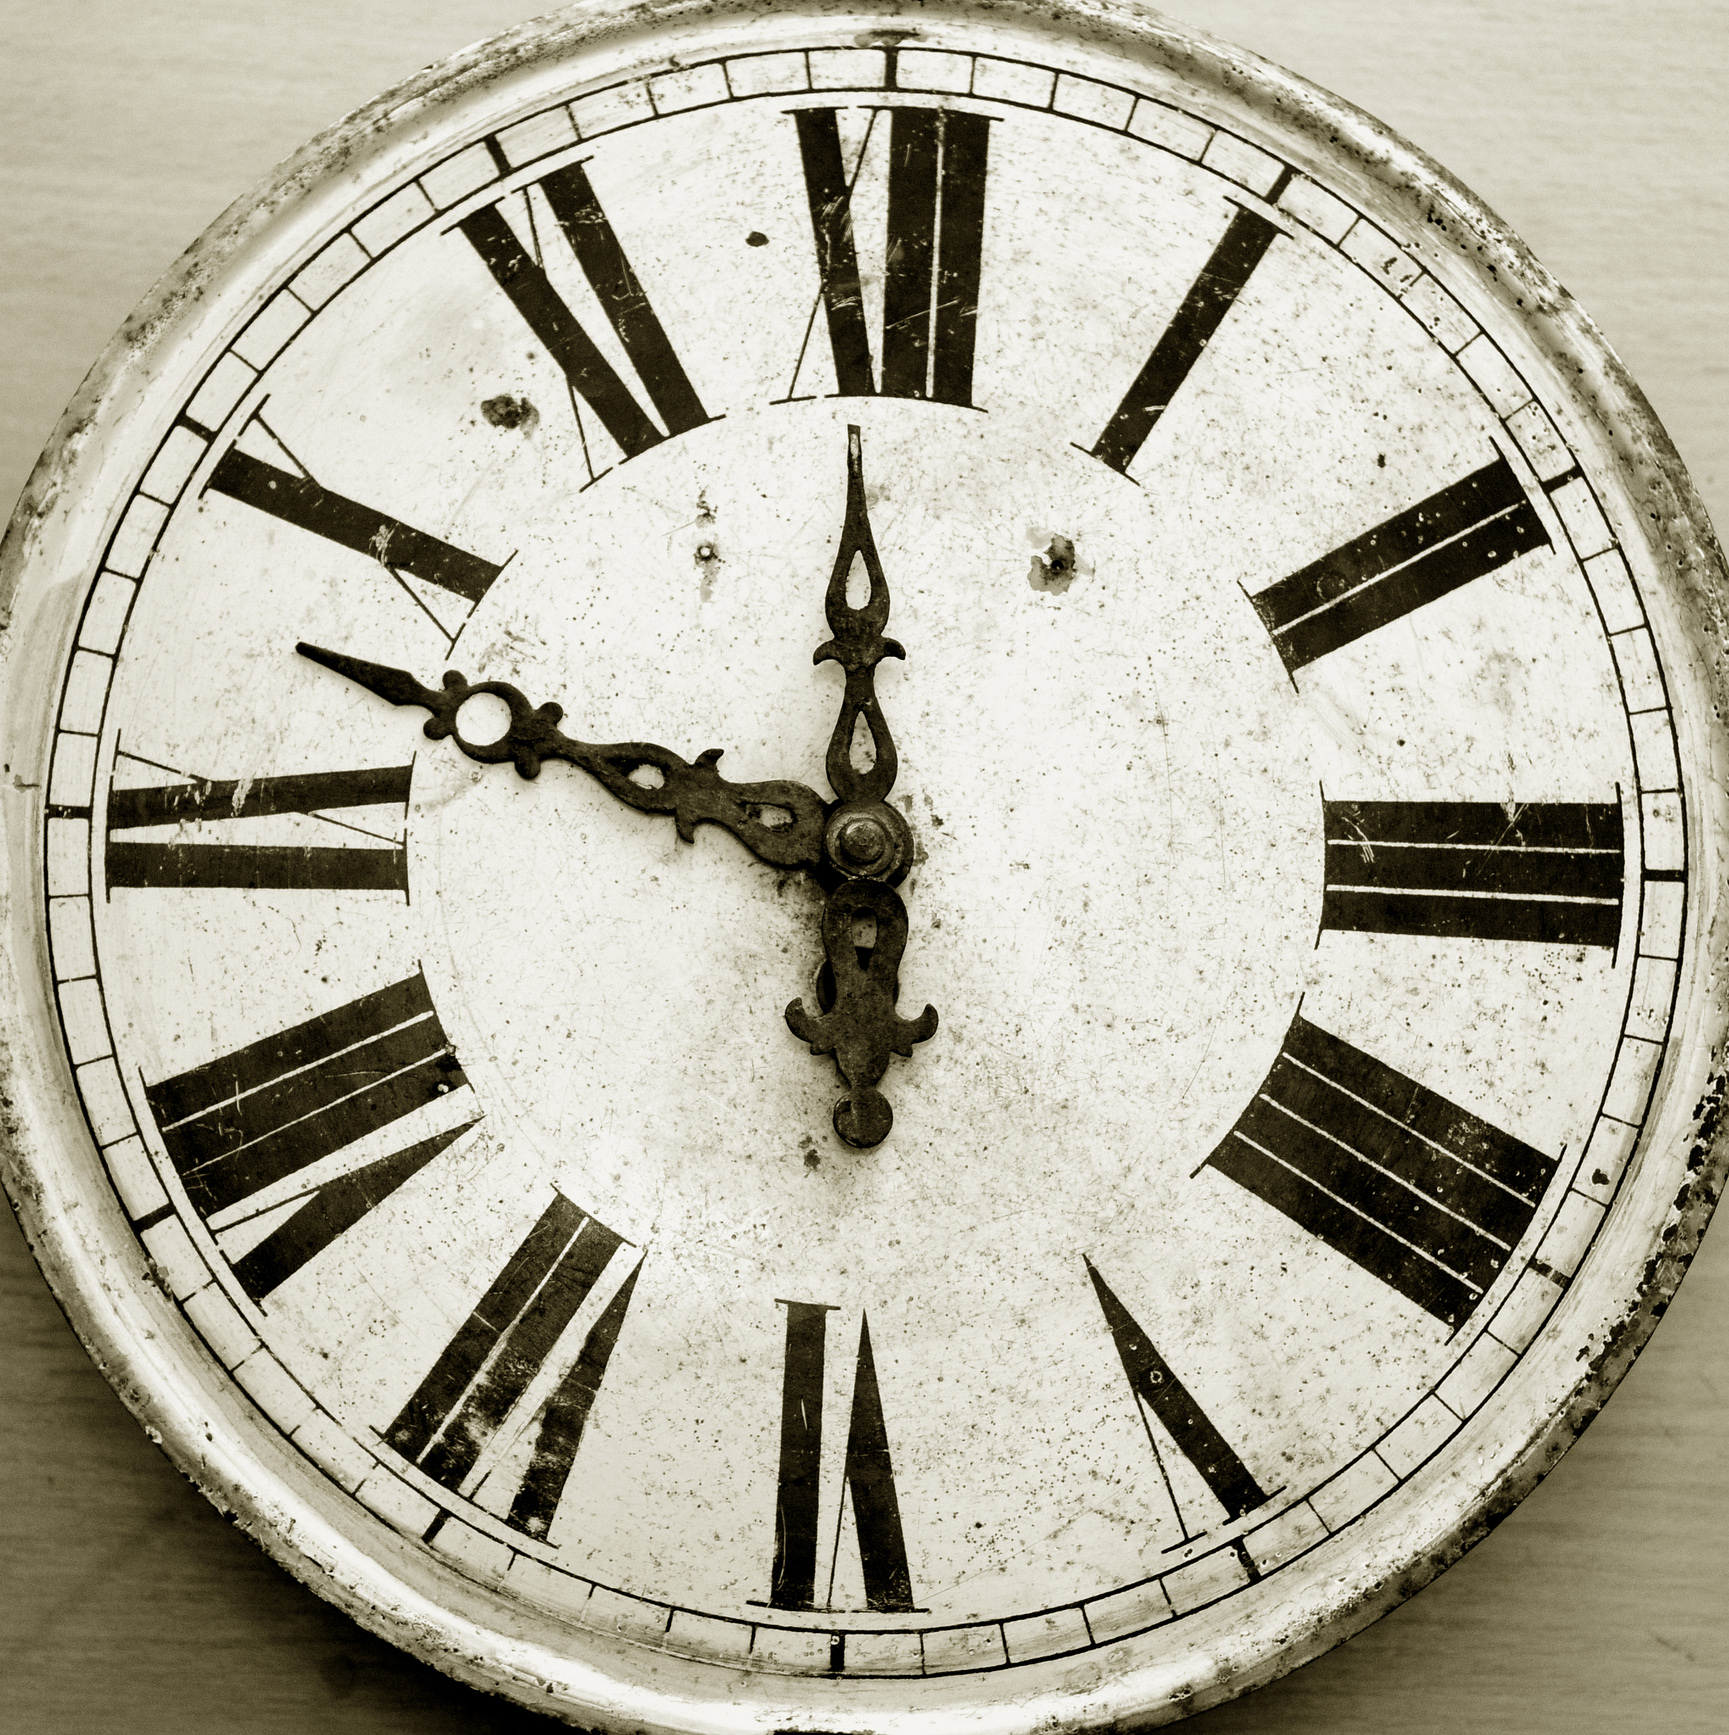 The Roman Numeral Clocks Phenomenon Question